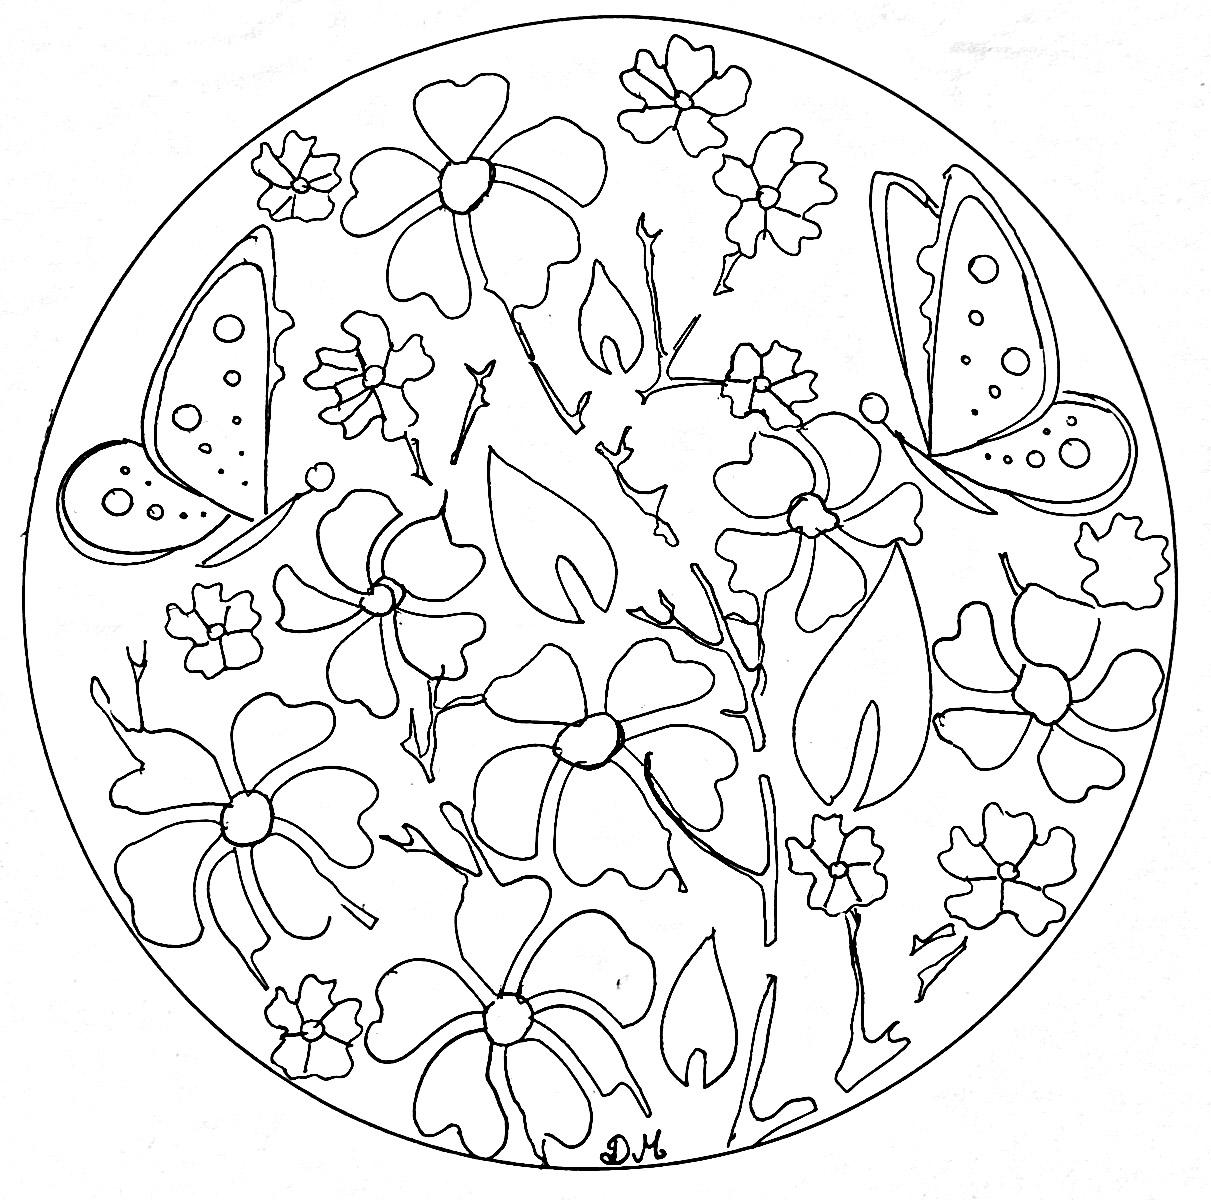 Mandala facile fleurs papillons coloriage mandalas - Fleur a imprimer gratuit ...